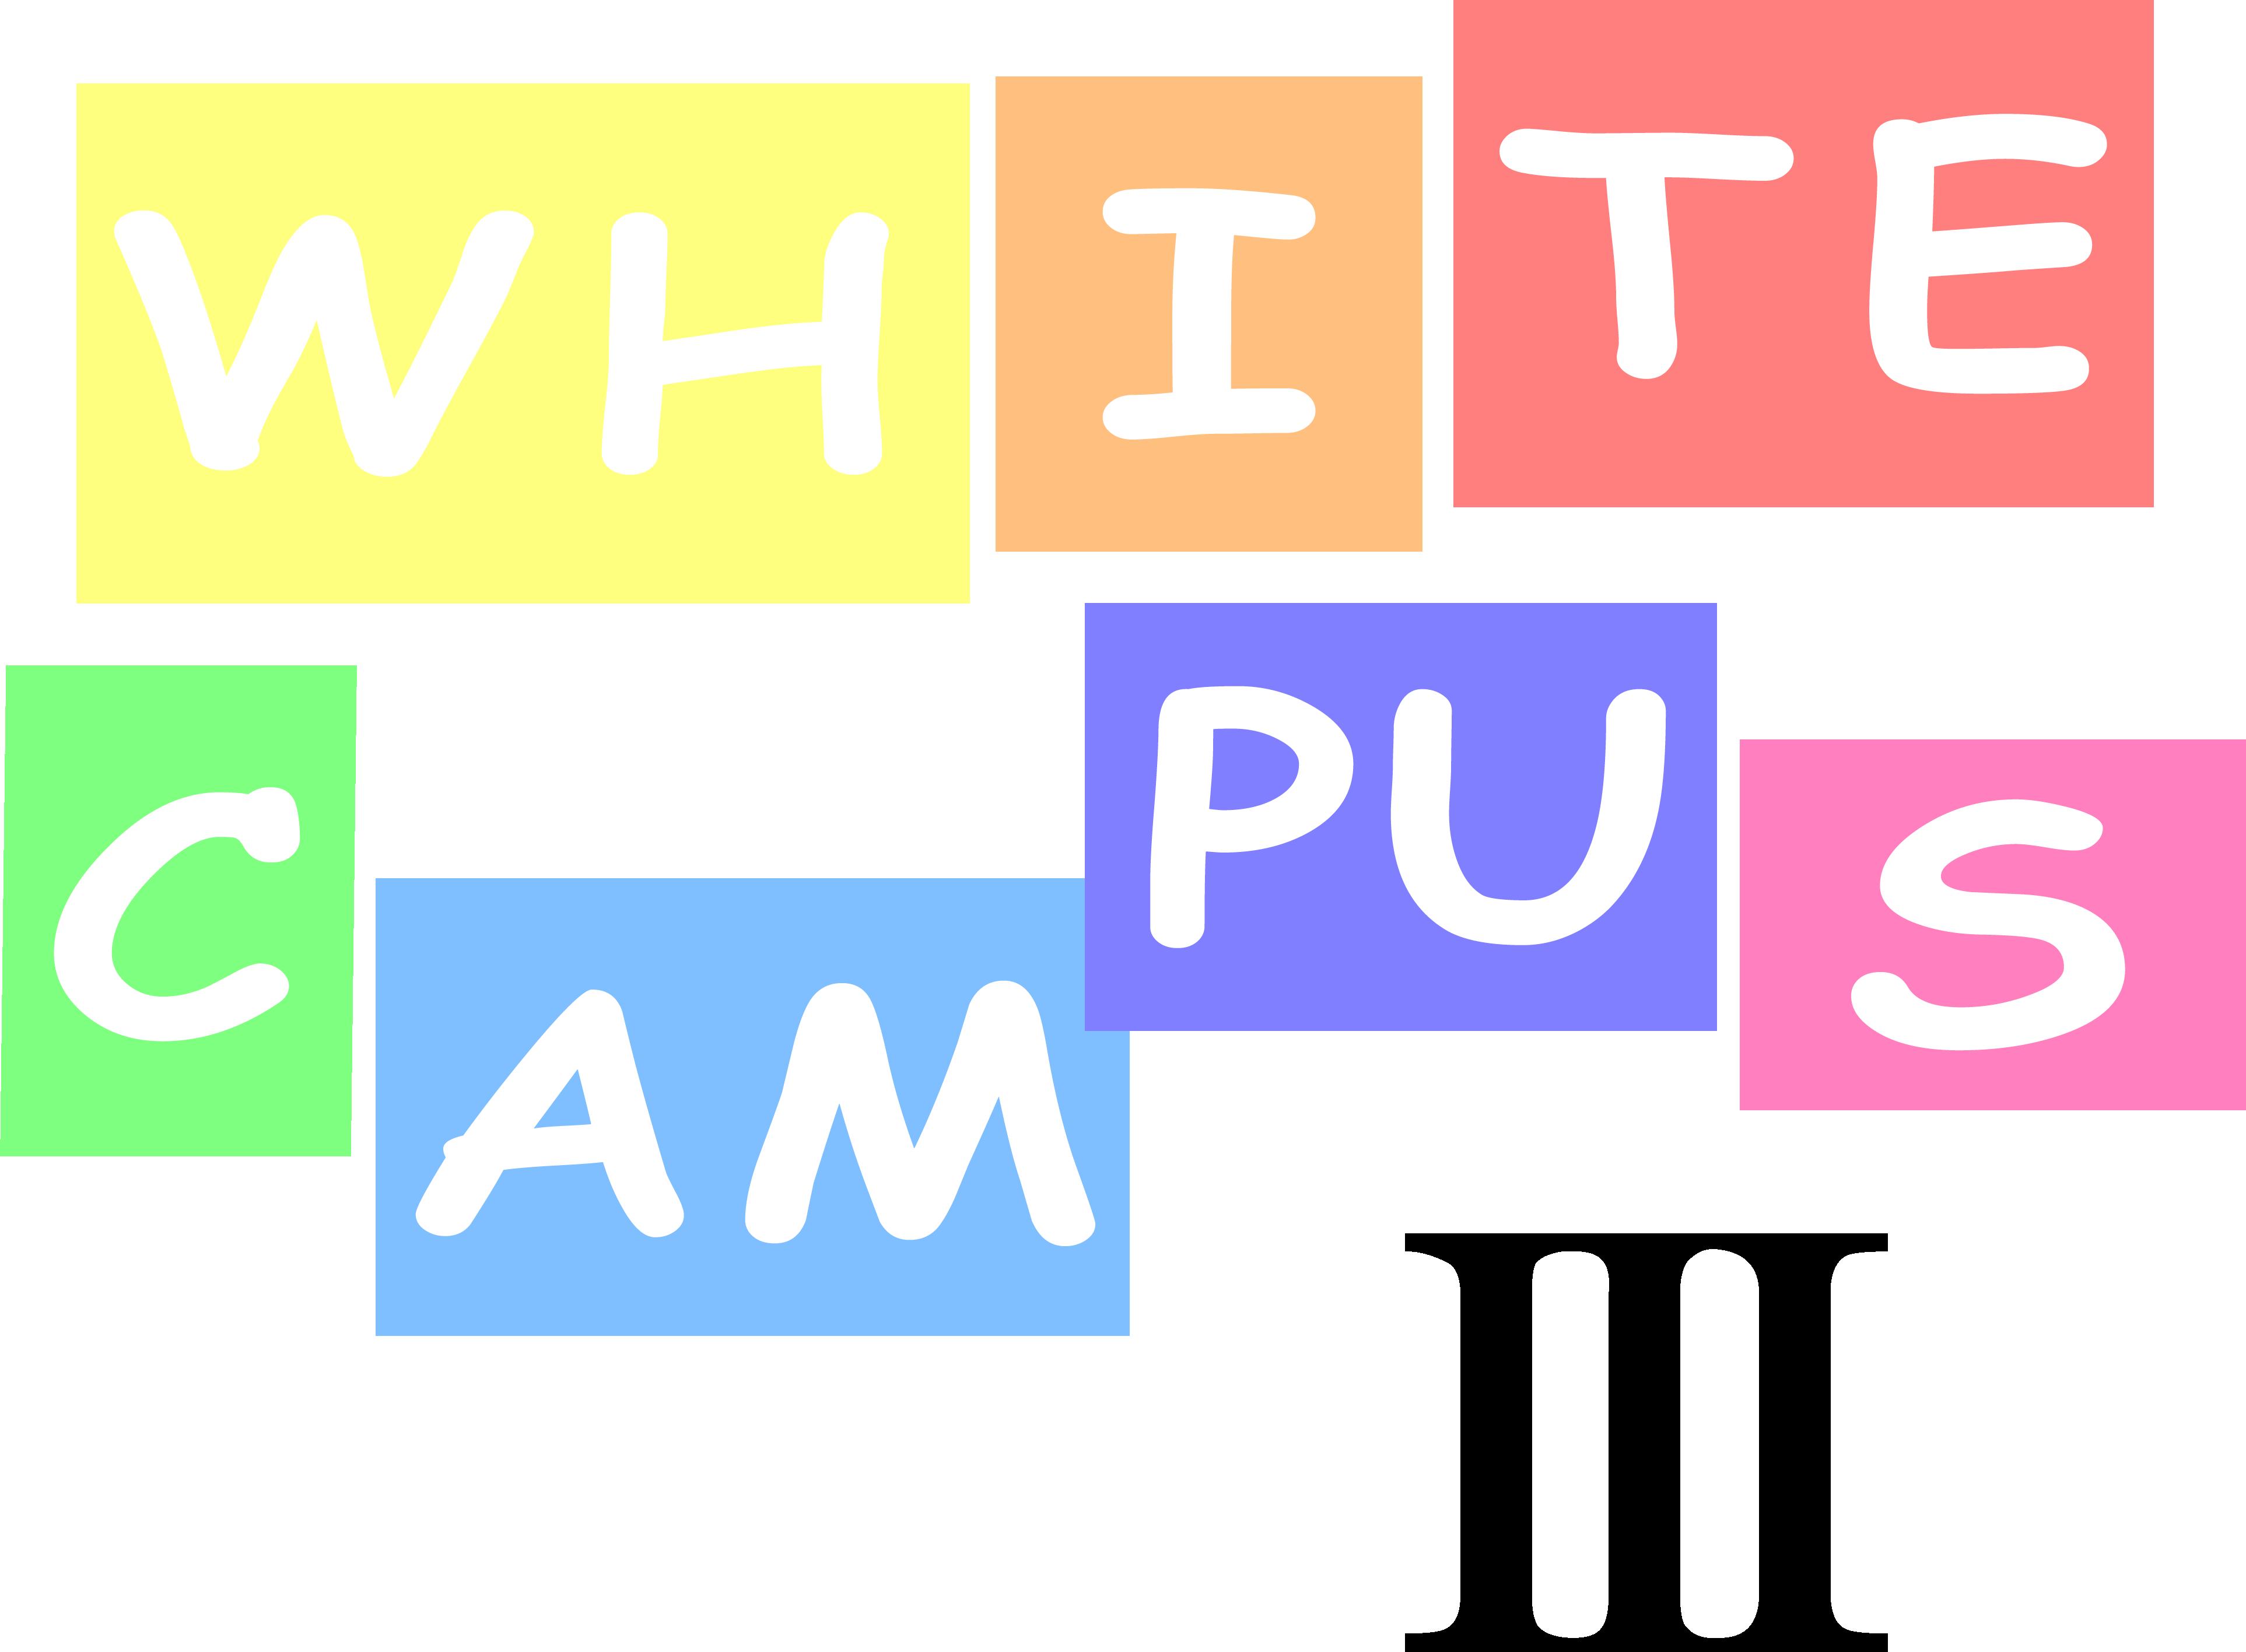 ホワイトキャンパスⅢ